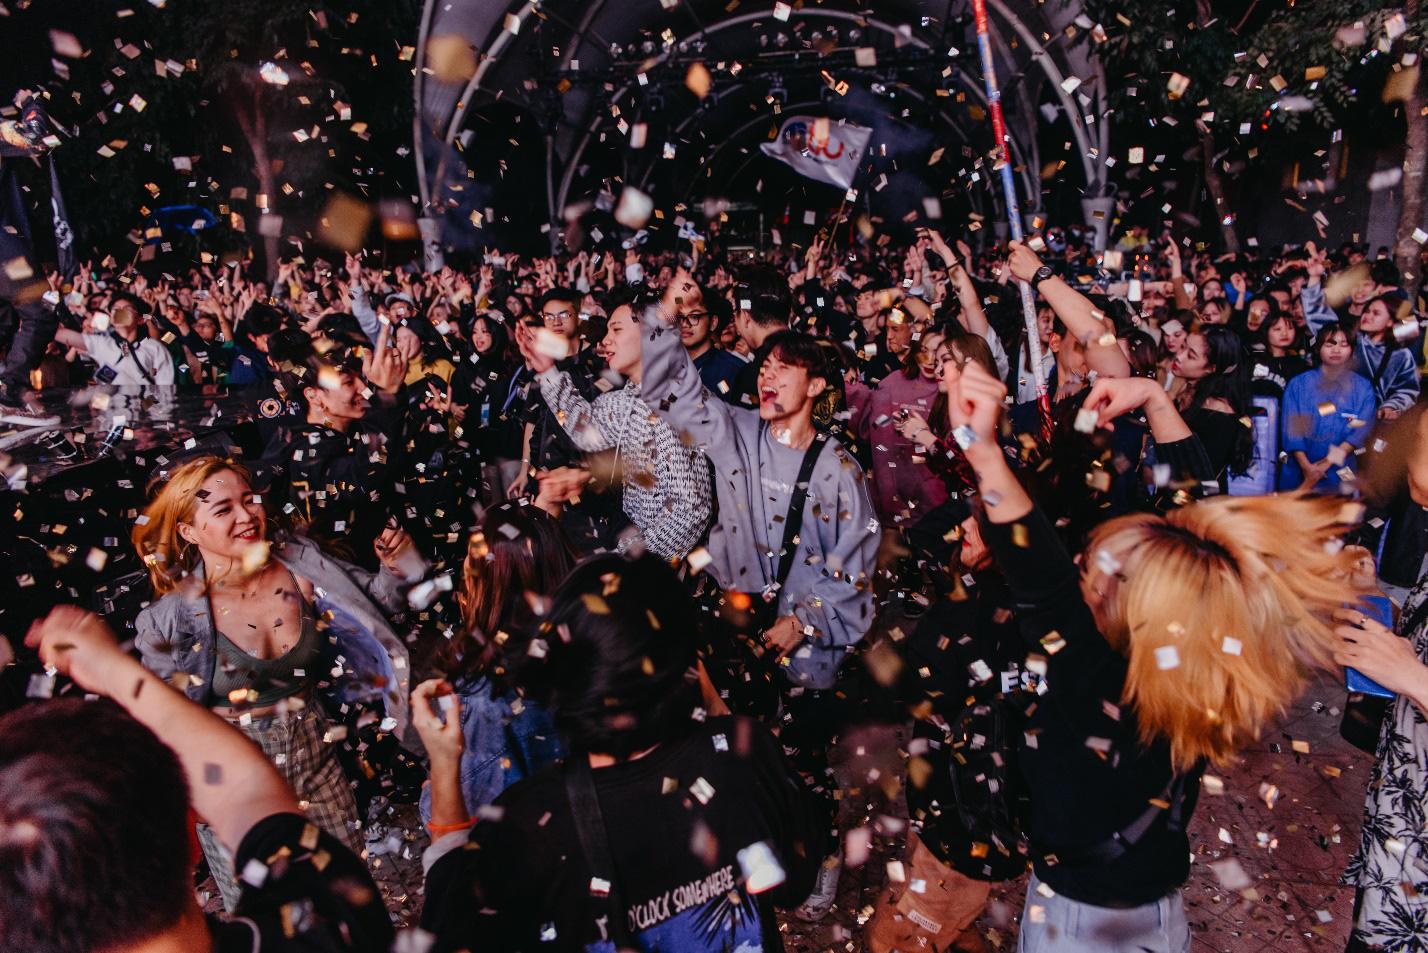 1988: Thêm một đêm đại nhạc hội thành công của Đại học Thăng Long - Ảnh 9.